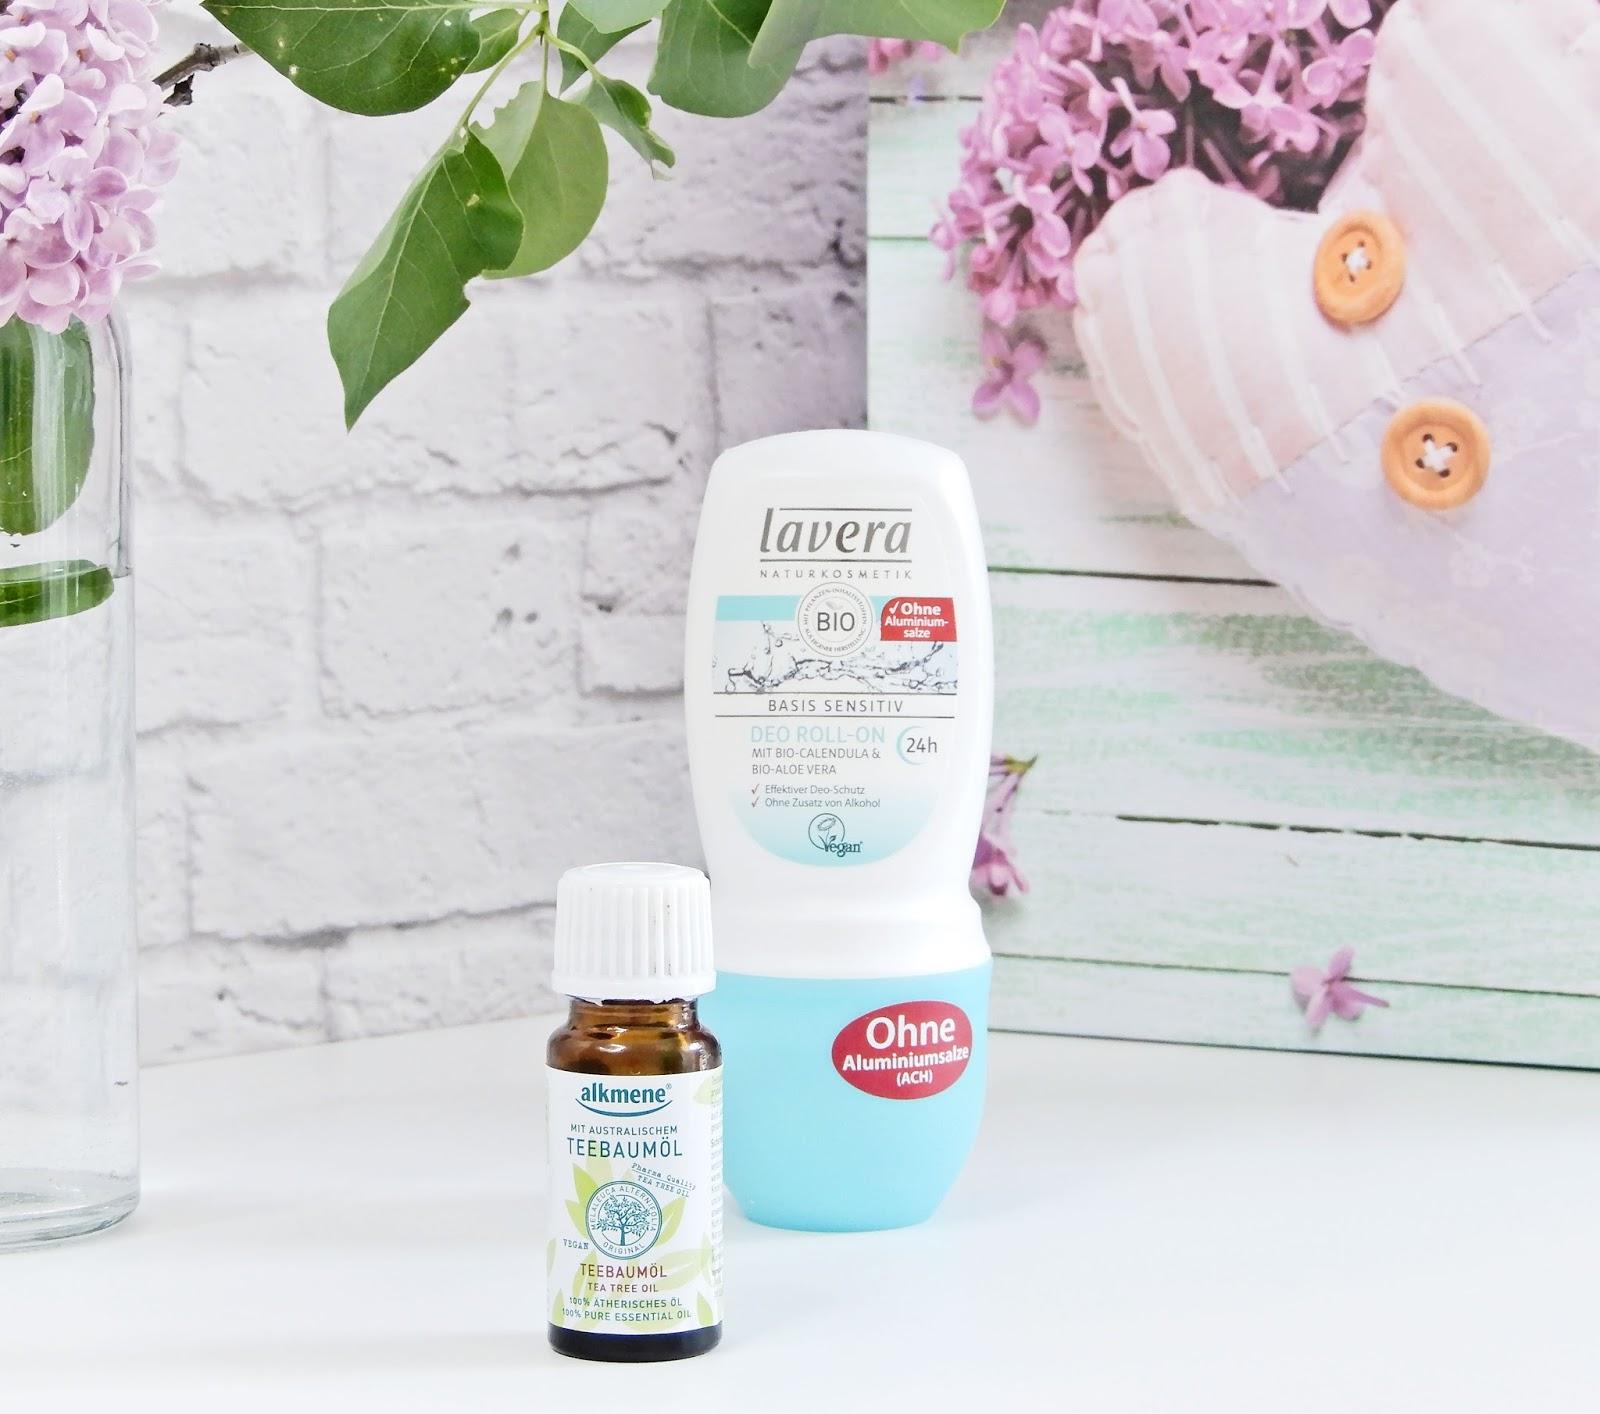 Dezodorant Lavera bez aluminium,olejek z drzewa herbacianego,